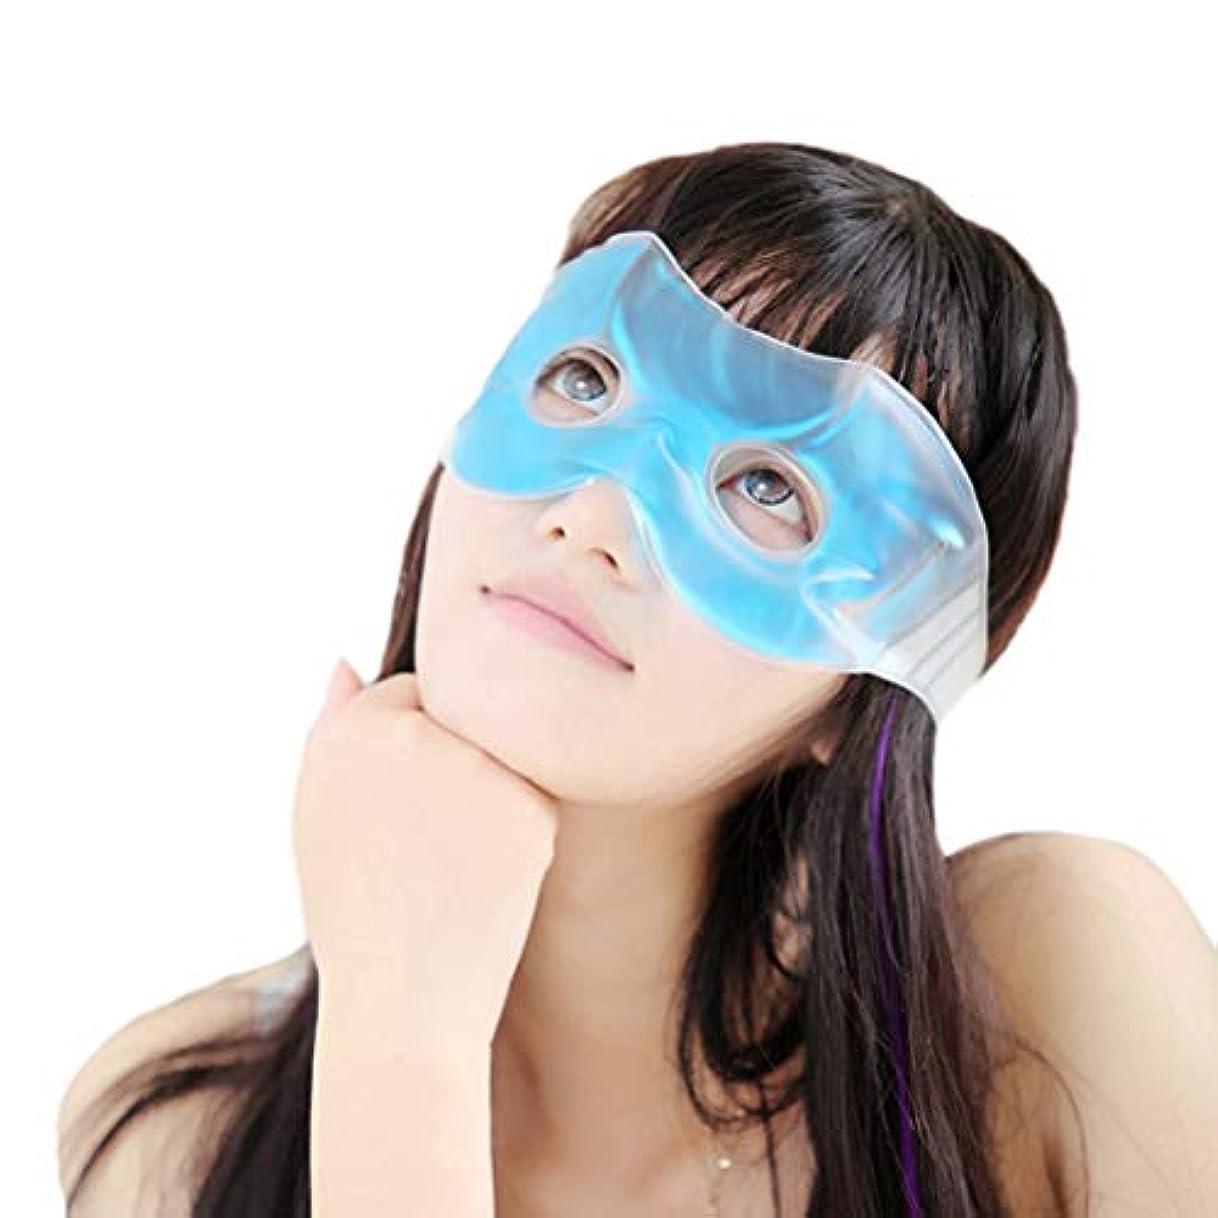 月面貞屋内Heallilyアイスアイマスク睡眠アイスパッチ冷却リラックスブラインド快適なパッチ用アイパフネスダークサークル